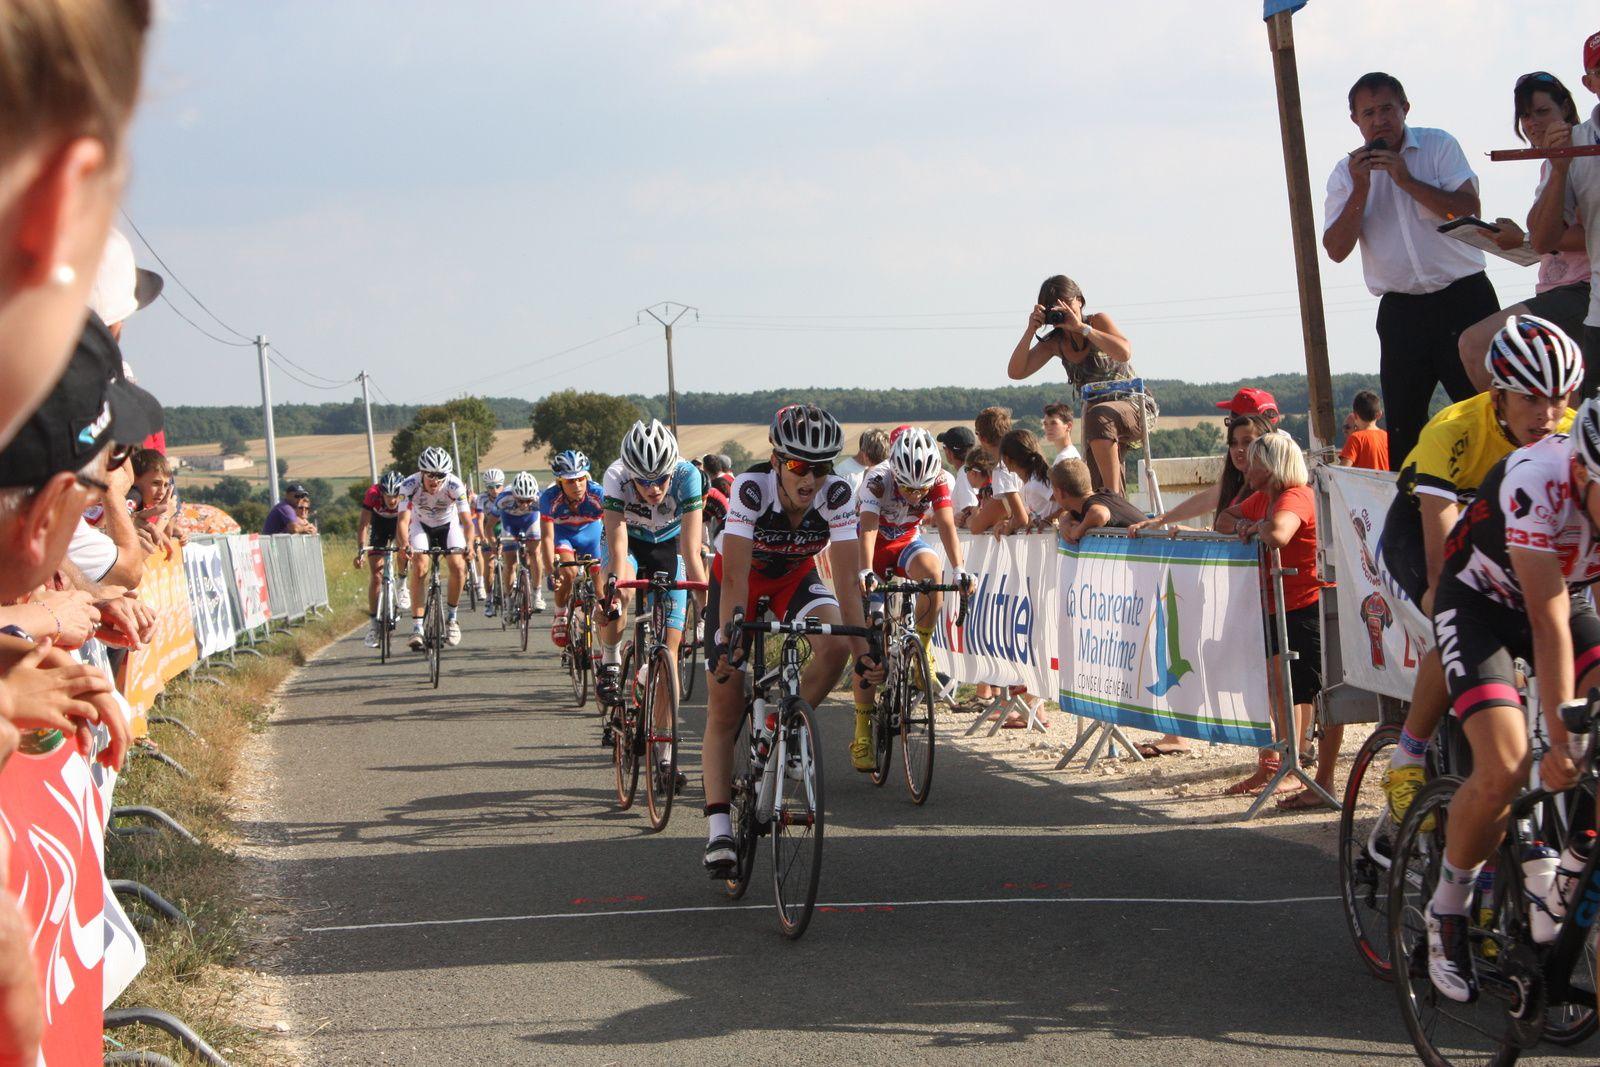 7e  Ludovic  SUIRE(Mérignac VC), 8e  Florian  LATOUR(UC  Gradignan),9e  Vincent  BERGERON(CC  Mainsat),10e  Théo  GRIFFOUL(Creuse  O), 11e  Erwann  MORIN(VCCO), 12e  Thomas  BARBEAU(UC  Gradignan), 13e  Thomas  TURMEL(C  Poitevin), 14e  Camille  SOULARD(P  St  Florent), 15e  Jérémy  BELLICAUD(VC  Montendre), 16e  Lucas  PAPIN(VCC  Marennes), 17e Louis  MASSE(JPC  Lussac), 18e  Clément  GALY(Mérignac  VC), 19e  Arthur  MOREAU(UA La Rochefoucault), 20e  Romain  LE HENAFF(CO La Couronne)